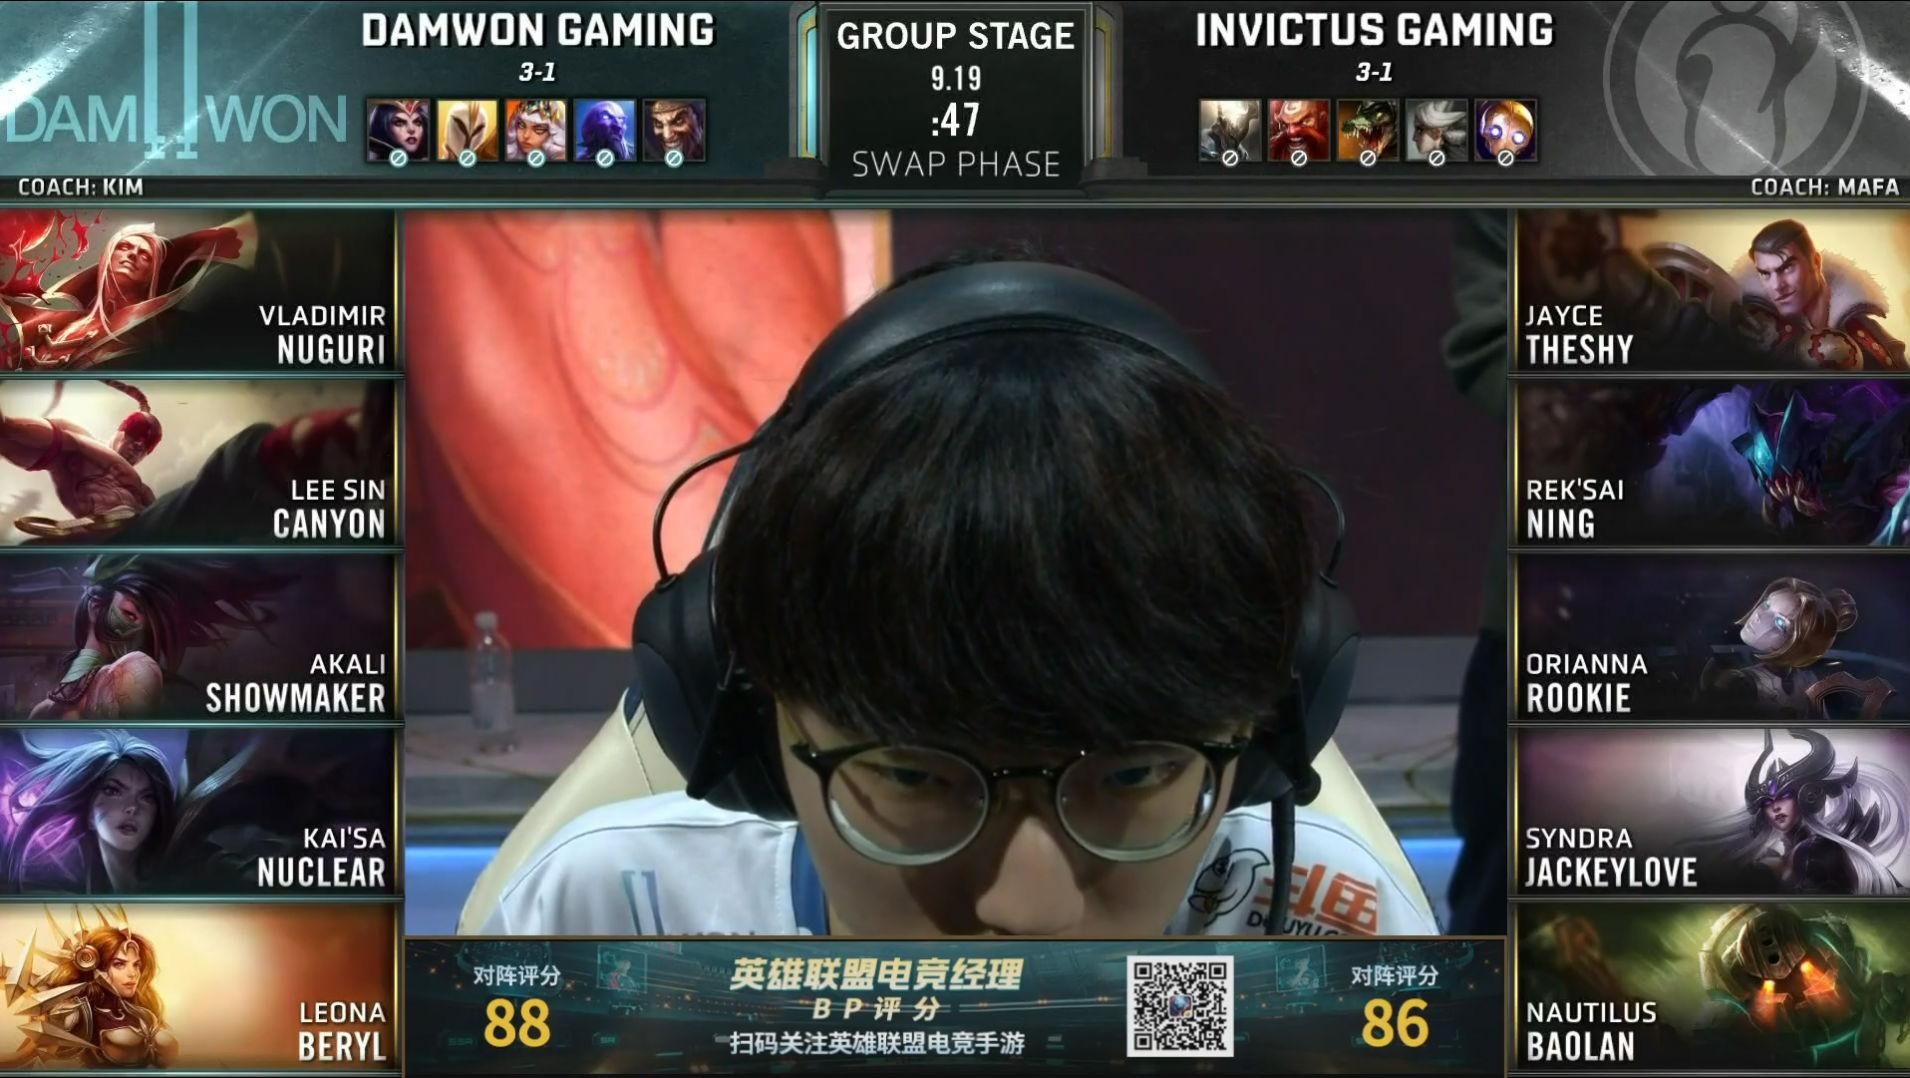 【战报】前期阵容未能取得优势,DWG击败IG拿到第四分